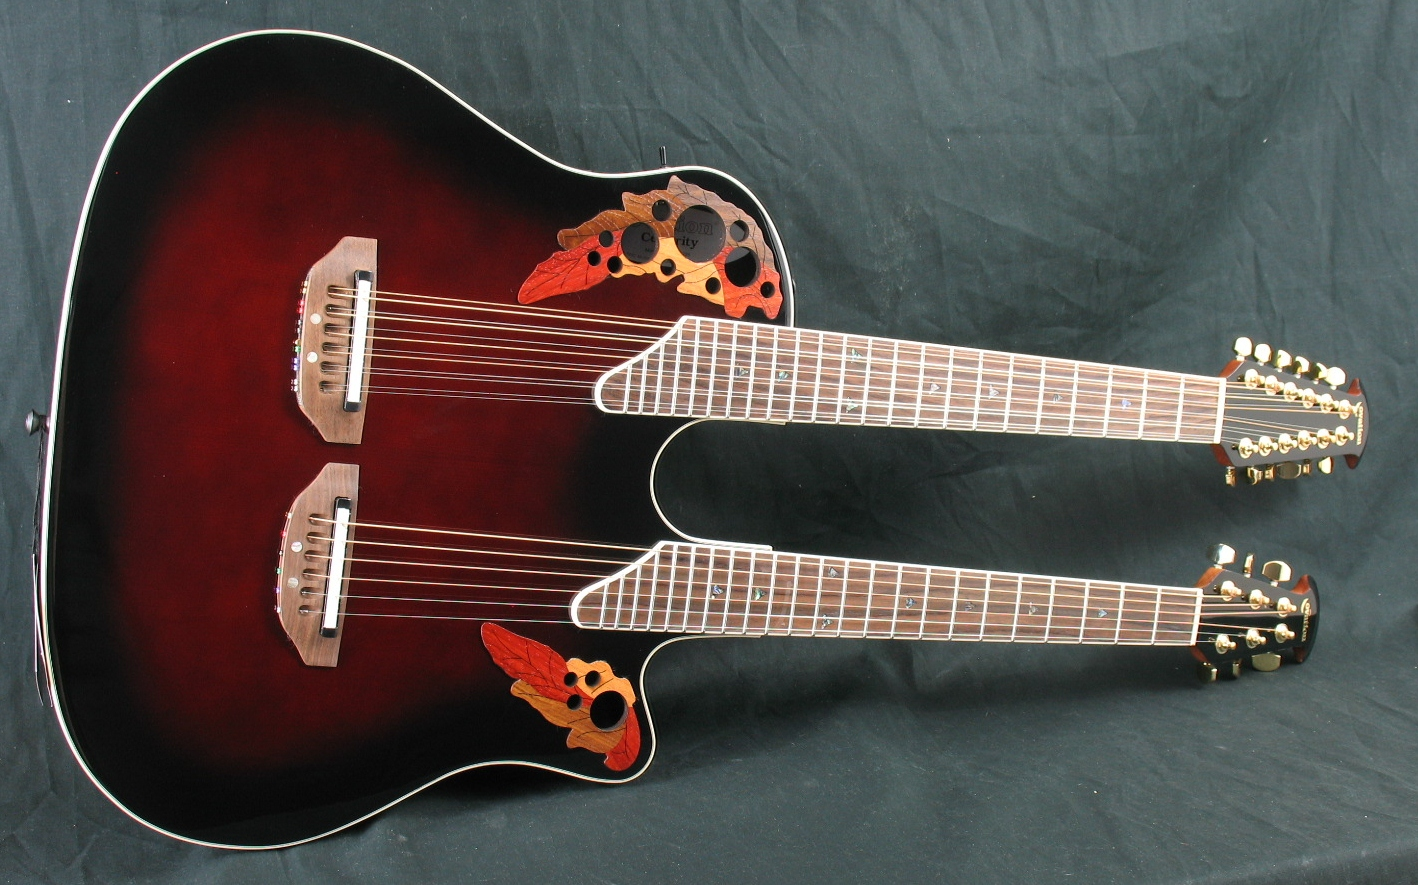 ovation celebrity cse225 doubleneck 6 12 string acoustic electric guitar w case ebay. Black Bedroom Furniture Sets. Home Design Ideas